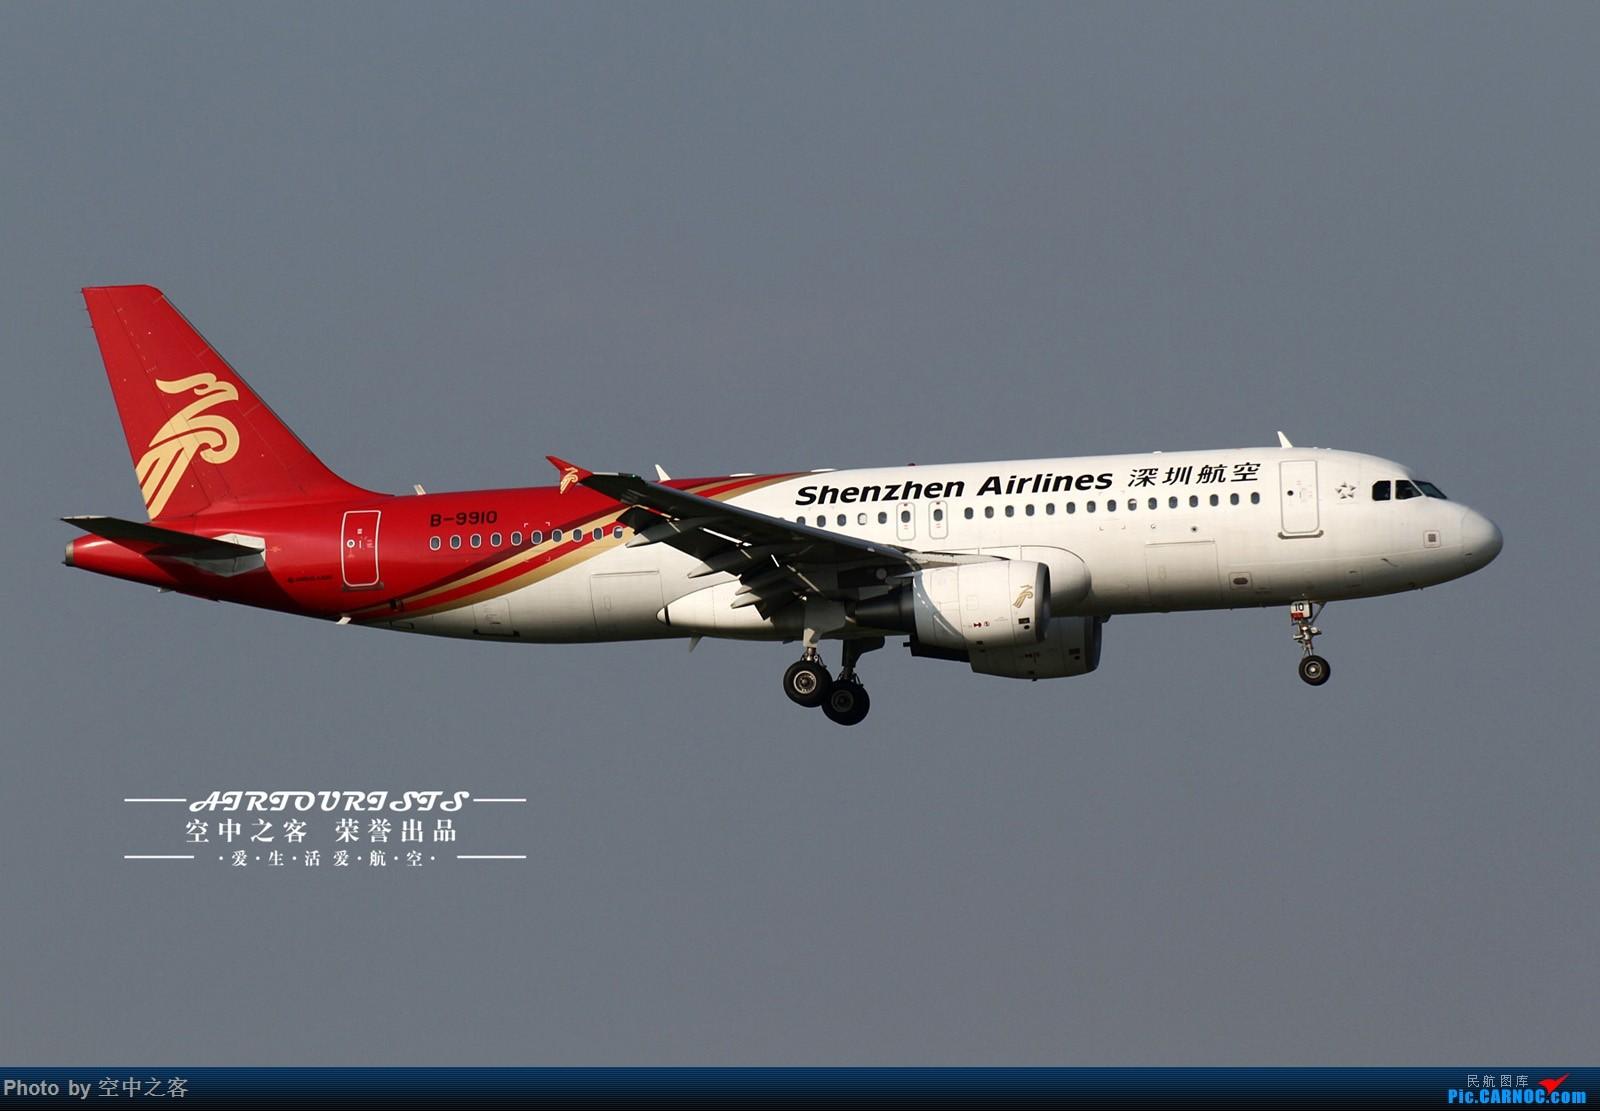 Re:[原创][合肥飞友会·霸都打机队 空中之客出品]少有的周末大晴天 来一场说走就走的拍机(1+1) AIRBUS A320-200 B-9910 合肥新桥国际机场